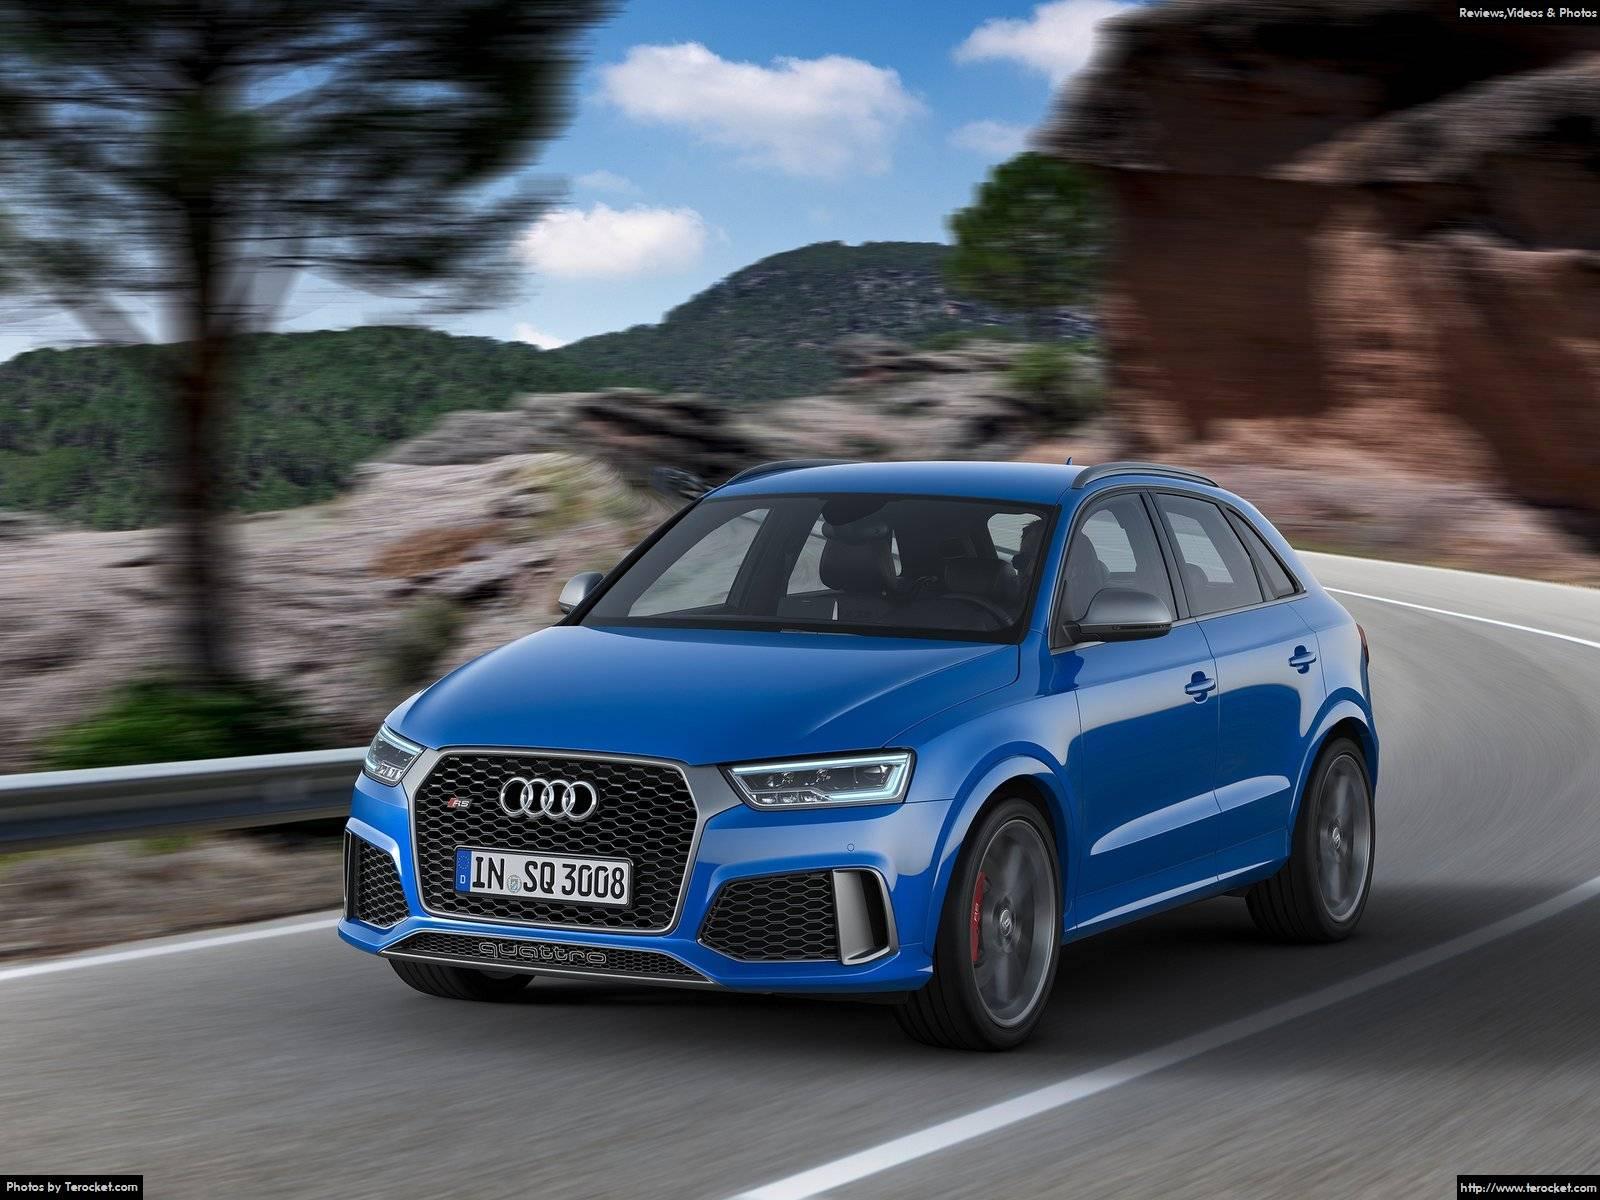 Hình ảnh xe ô tô Audi RS Q3 performance 2017 & nội ngoại thất